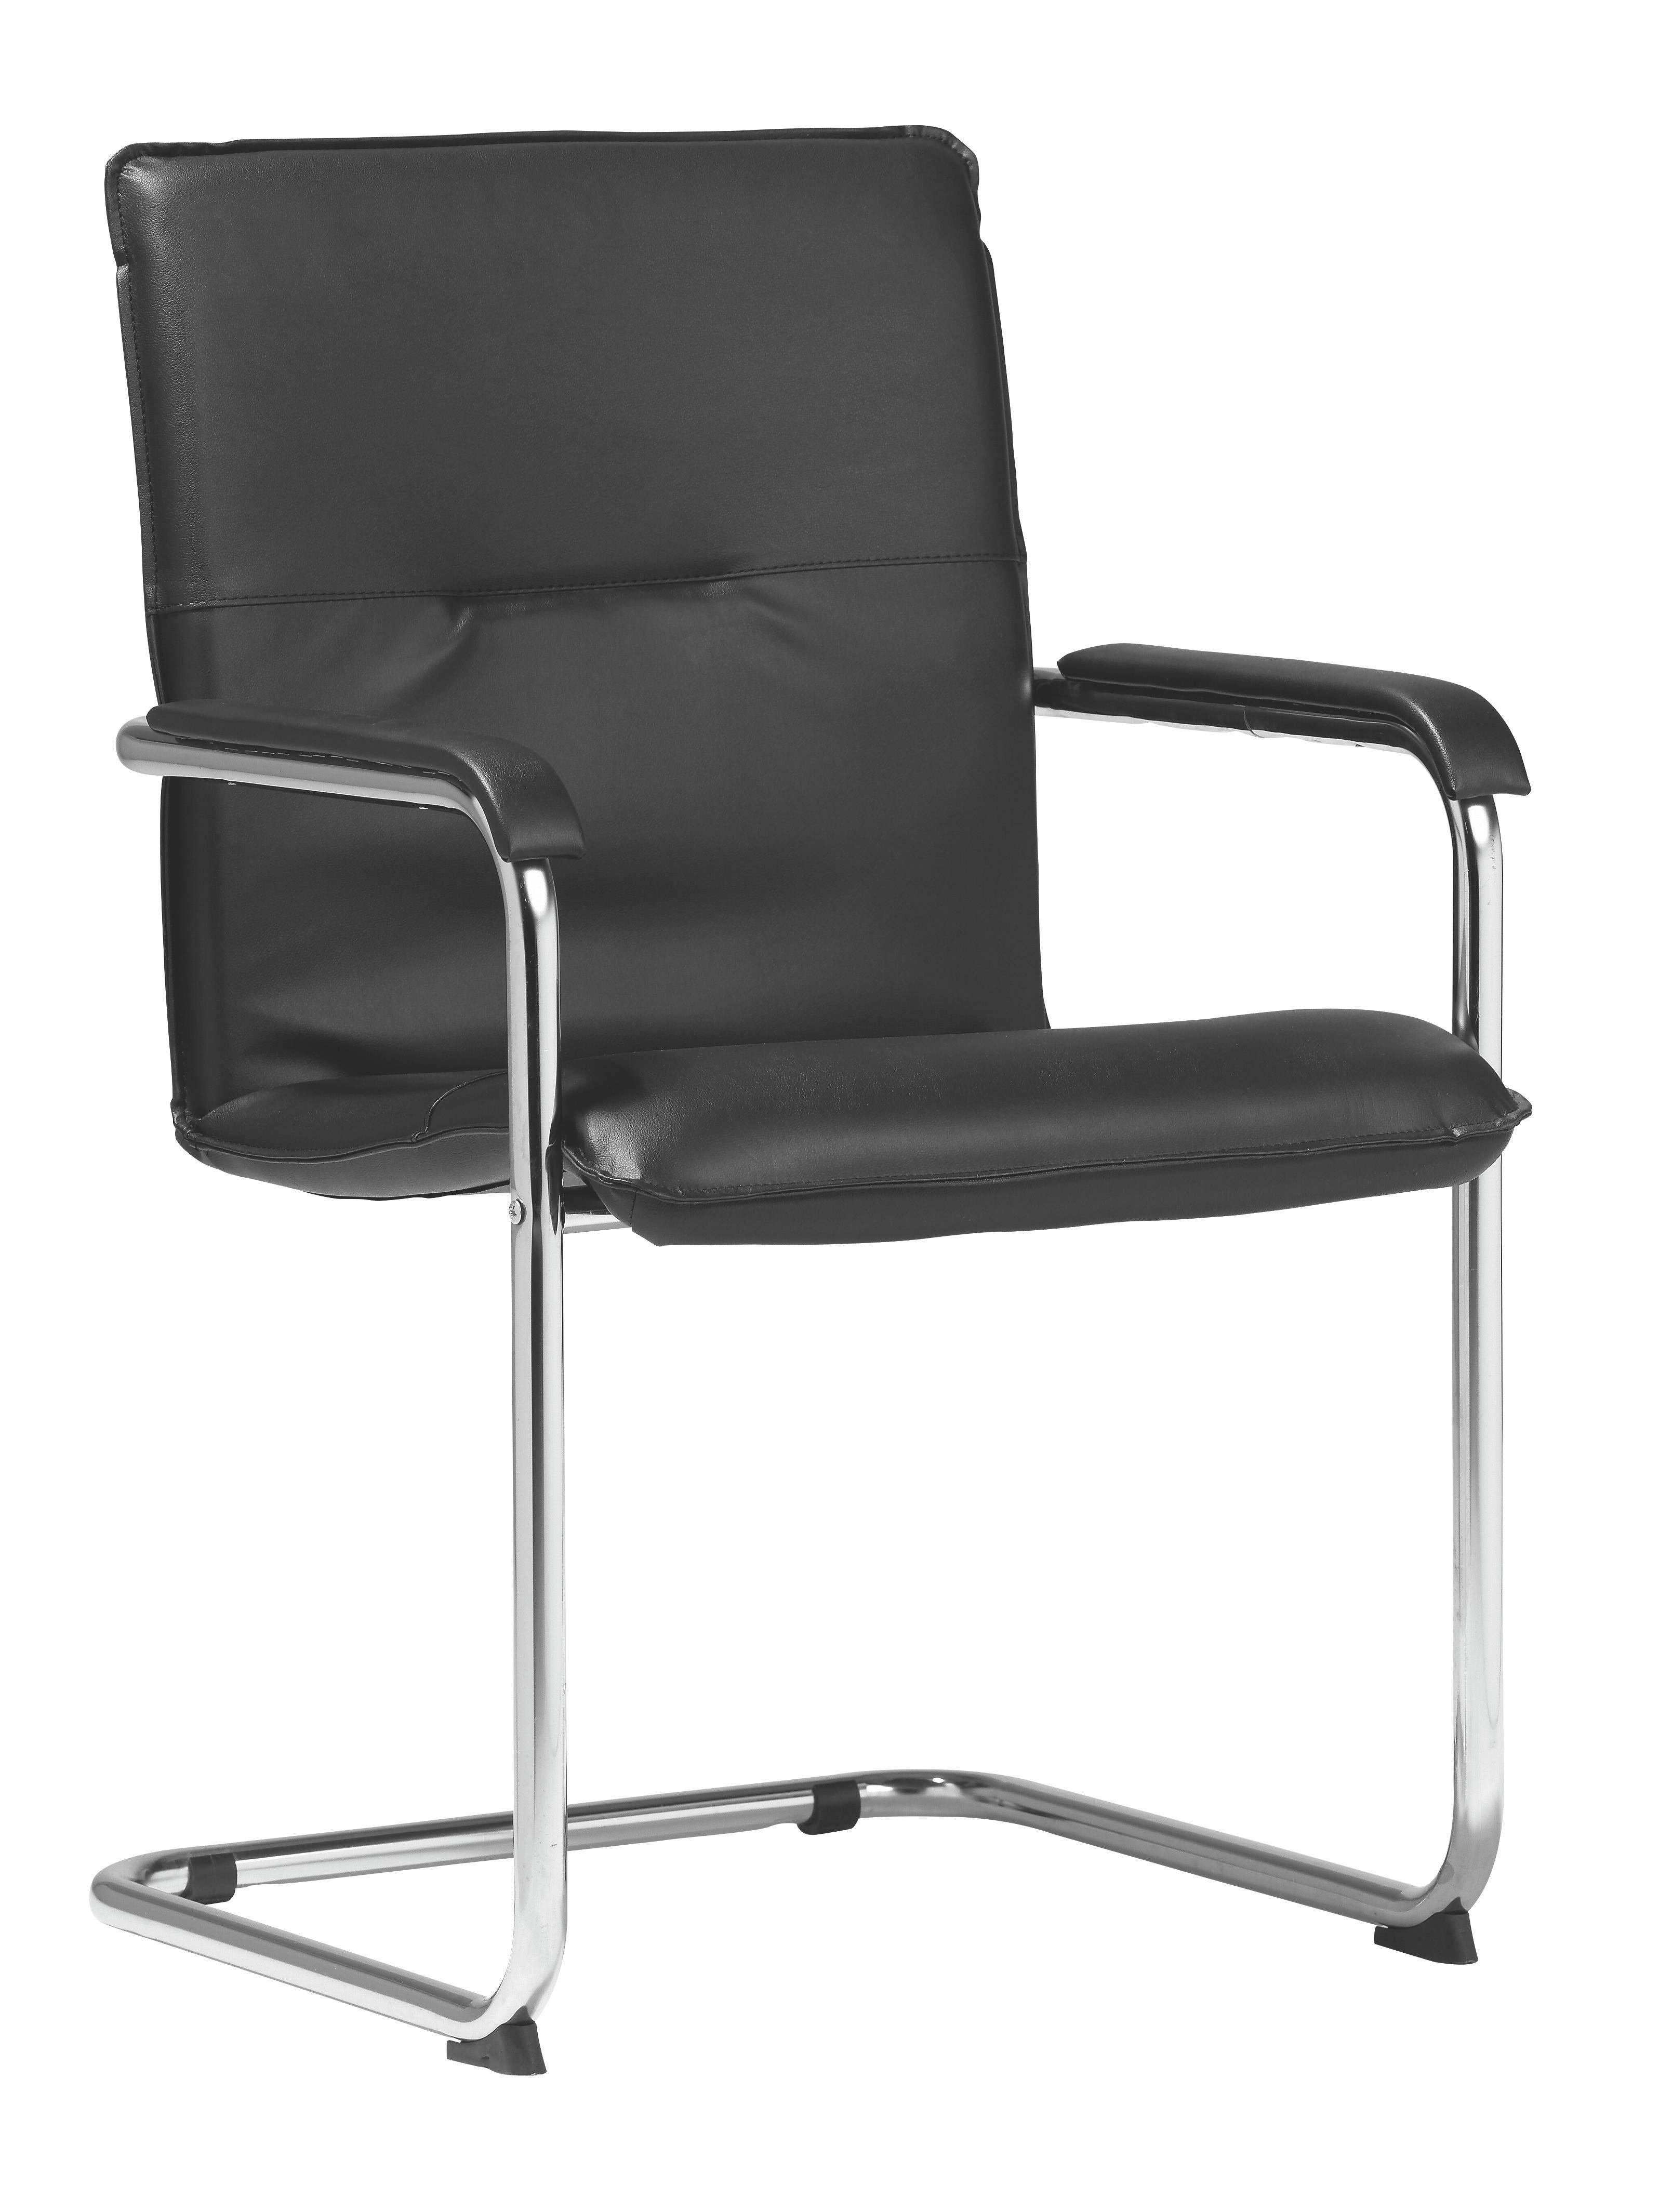 Büromöbel | Arbeitszimmer-Möbel & Büromöbel im Set